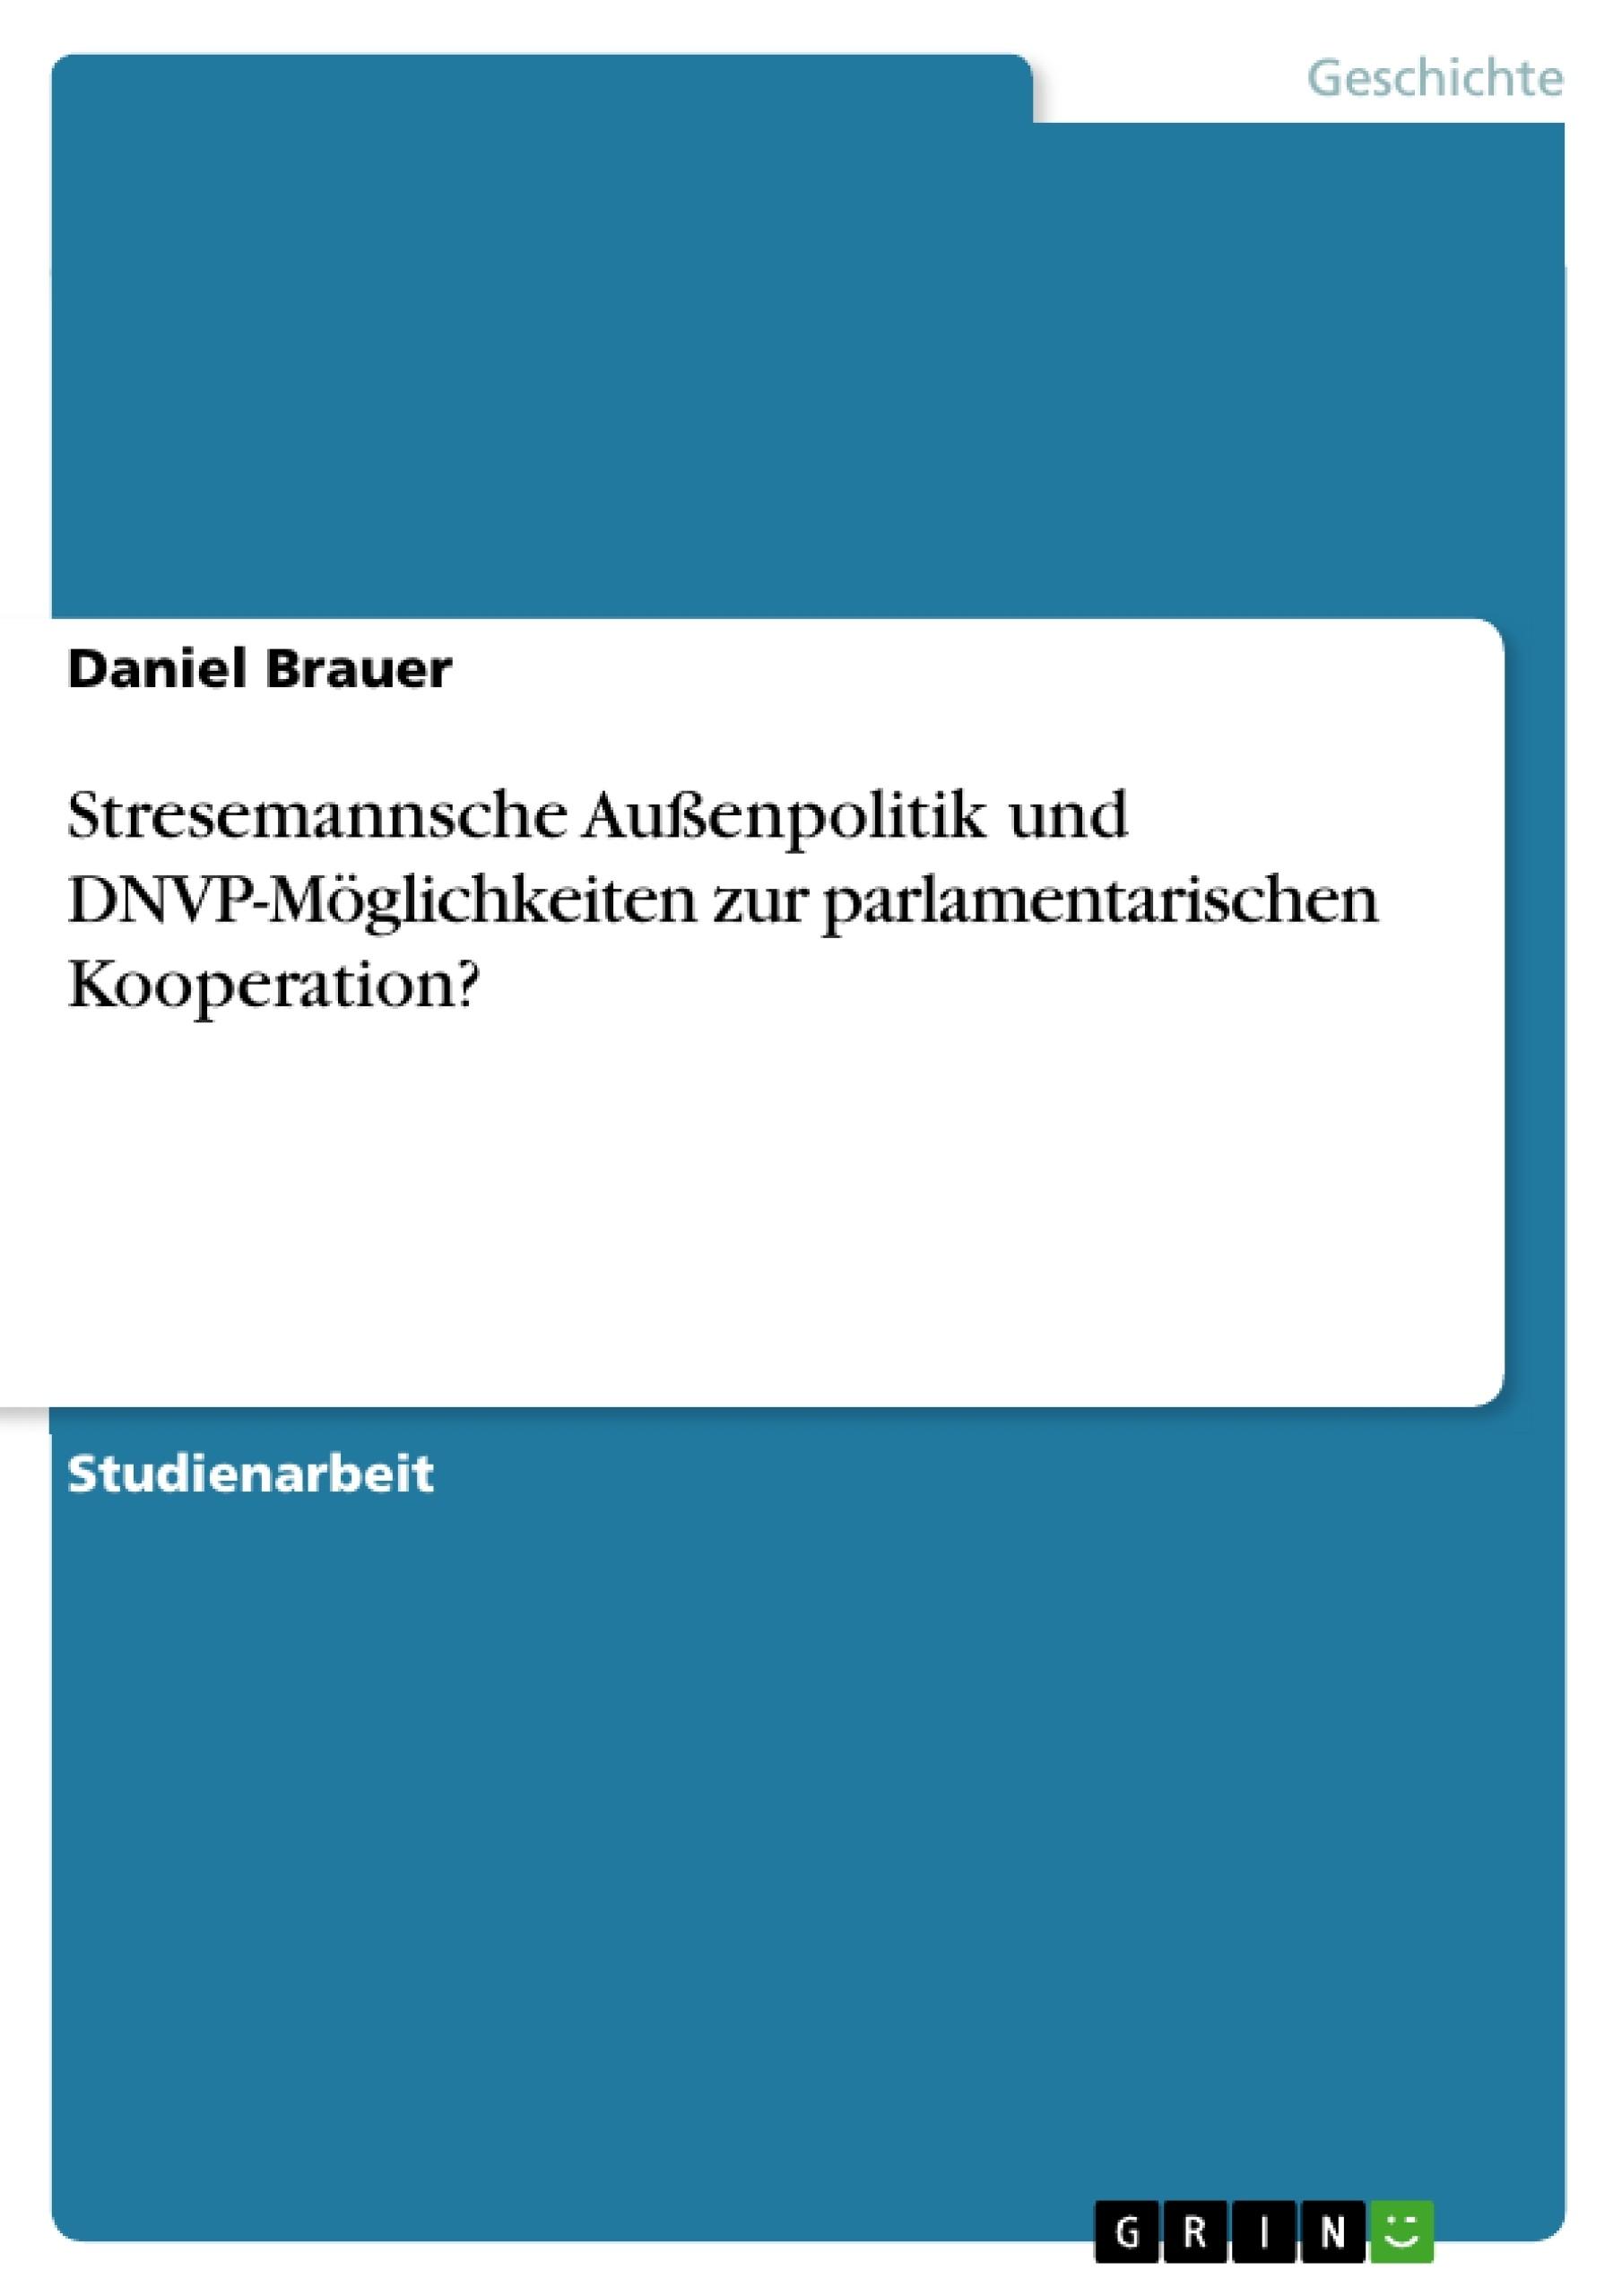 Titel: Stresemannsche Außenpolitik und DNVP-Möglichkeiten zur parlamentarischen Kooperation?